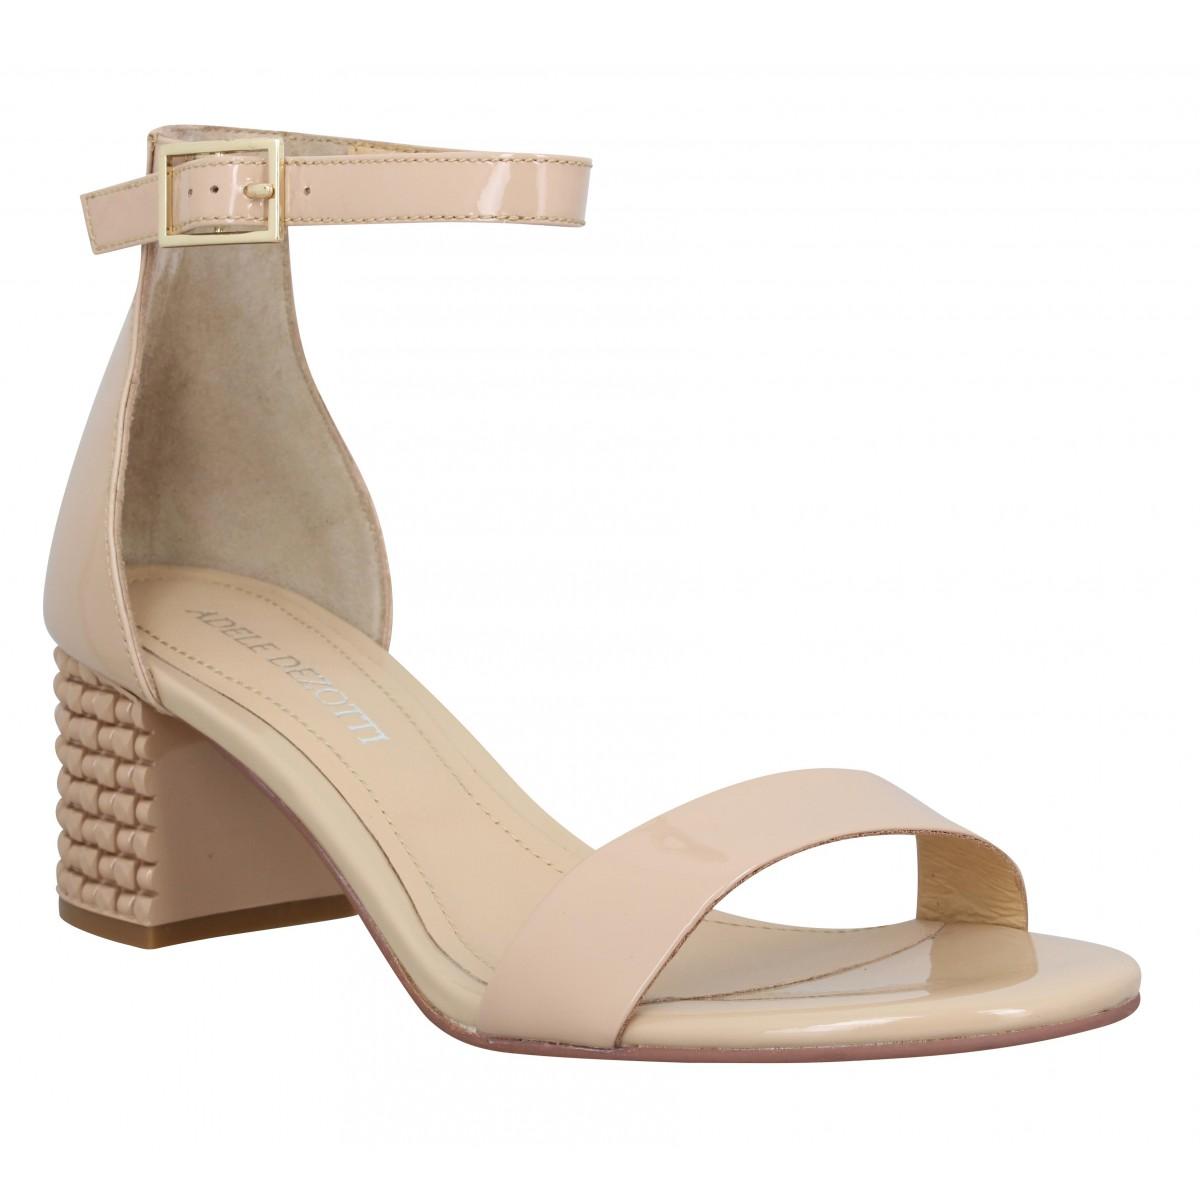 Femme Adele Dezotti 1302 Chaussures NudeFanny Vernis FT1JculK3